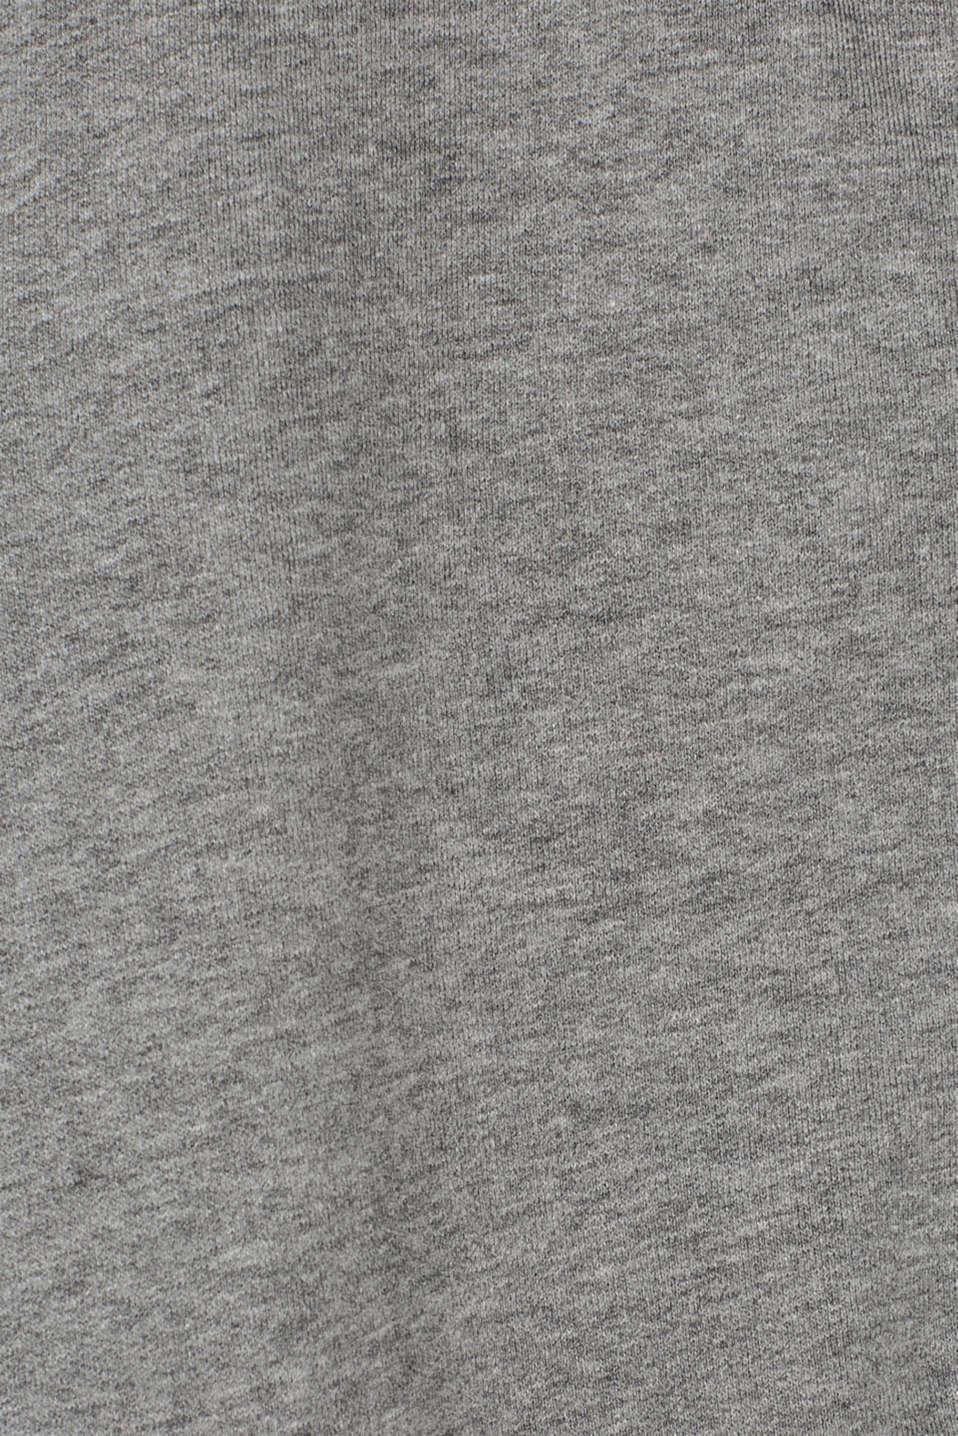 Cotton blend sweatshirt cardigan, MEDIUM GREY, detail image number 4